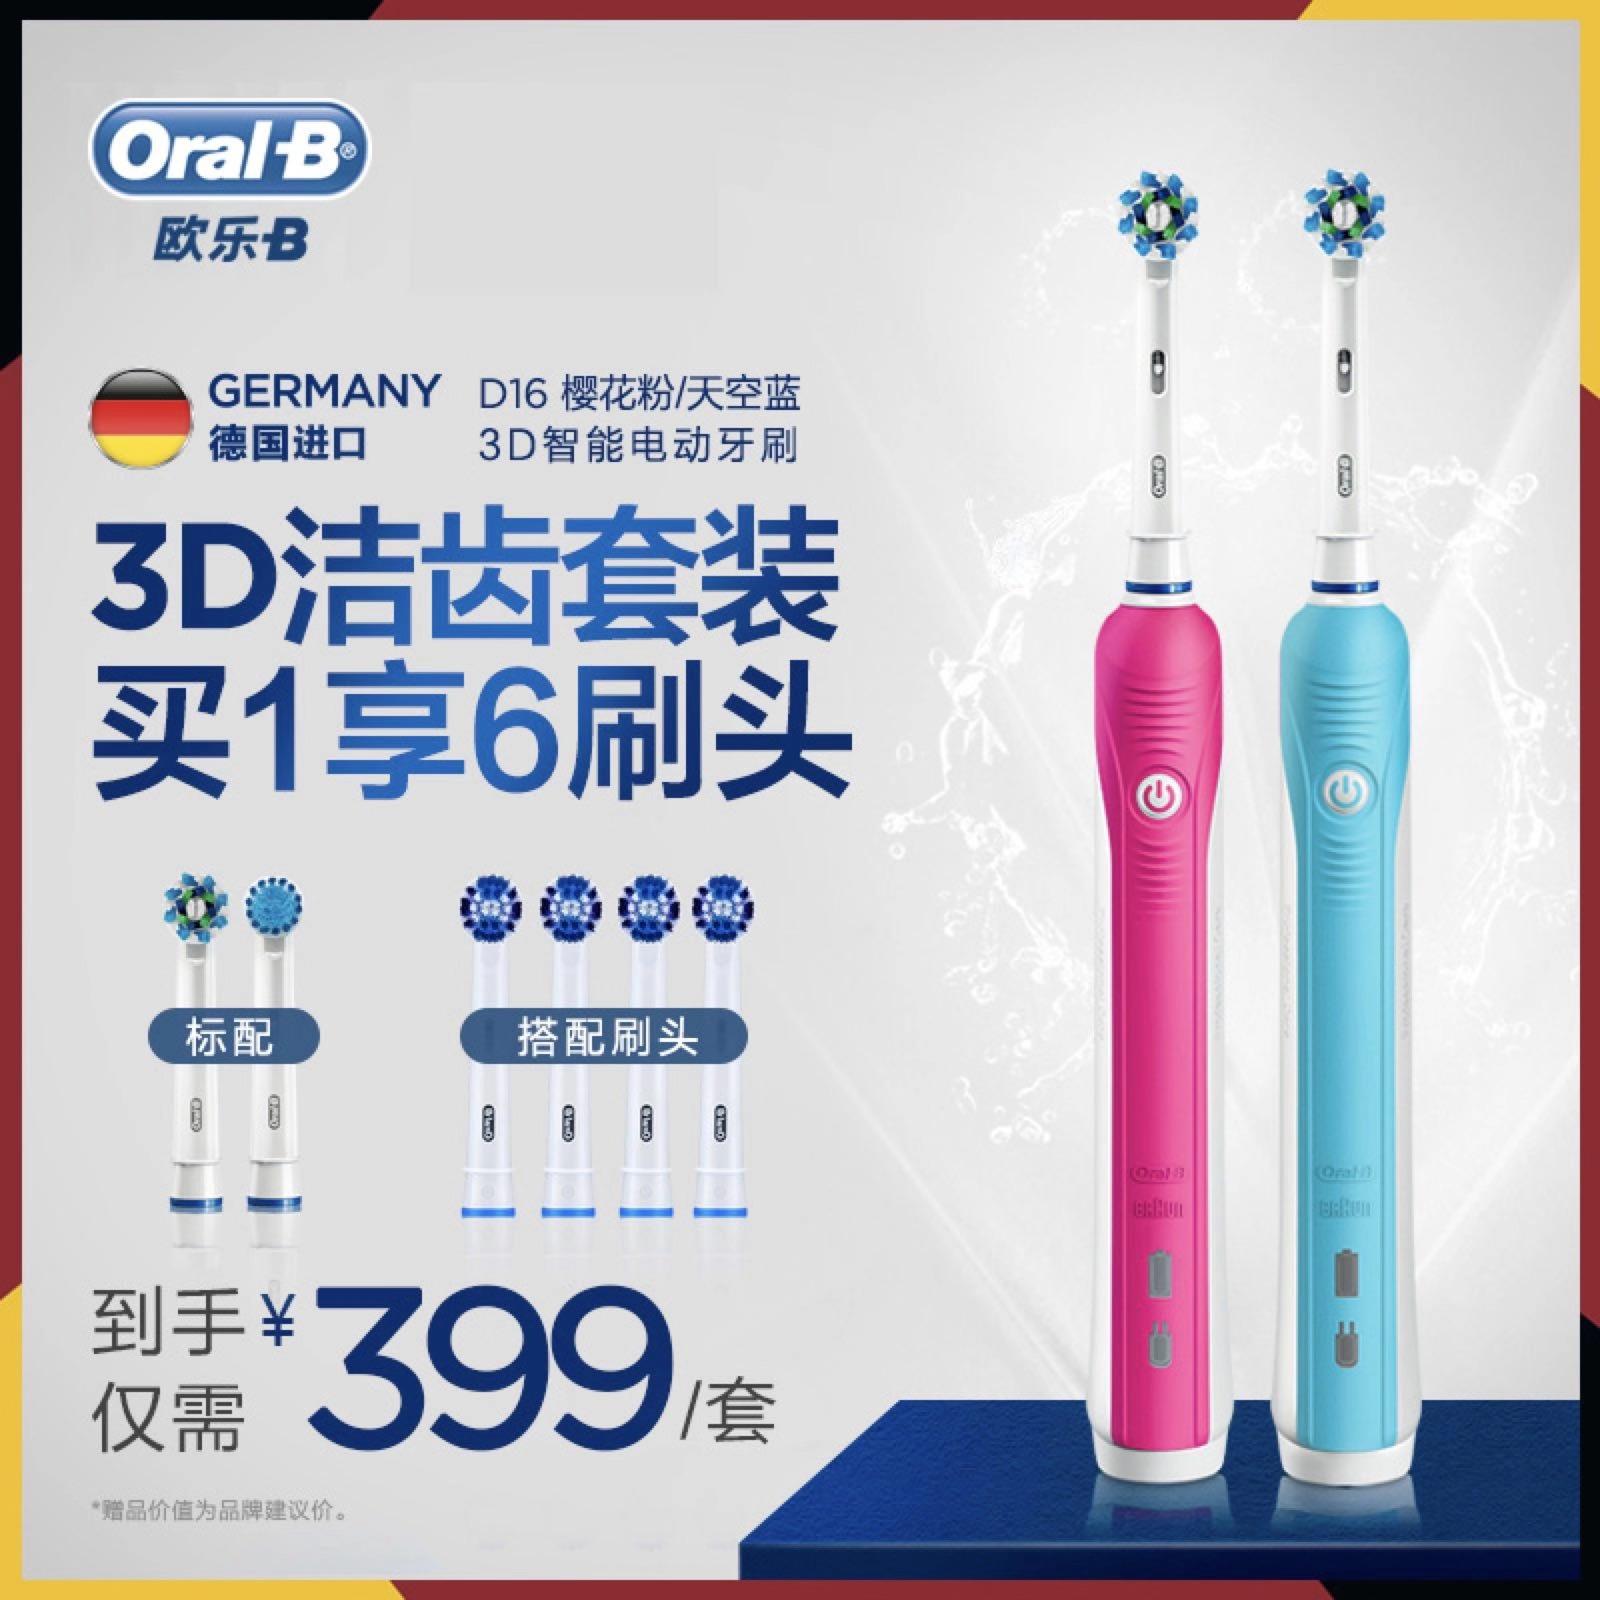 OralB/欧乐B电动牙刷D16成人款天空蓝/樱花粉+米奇儿童家庭组合限1000张券